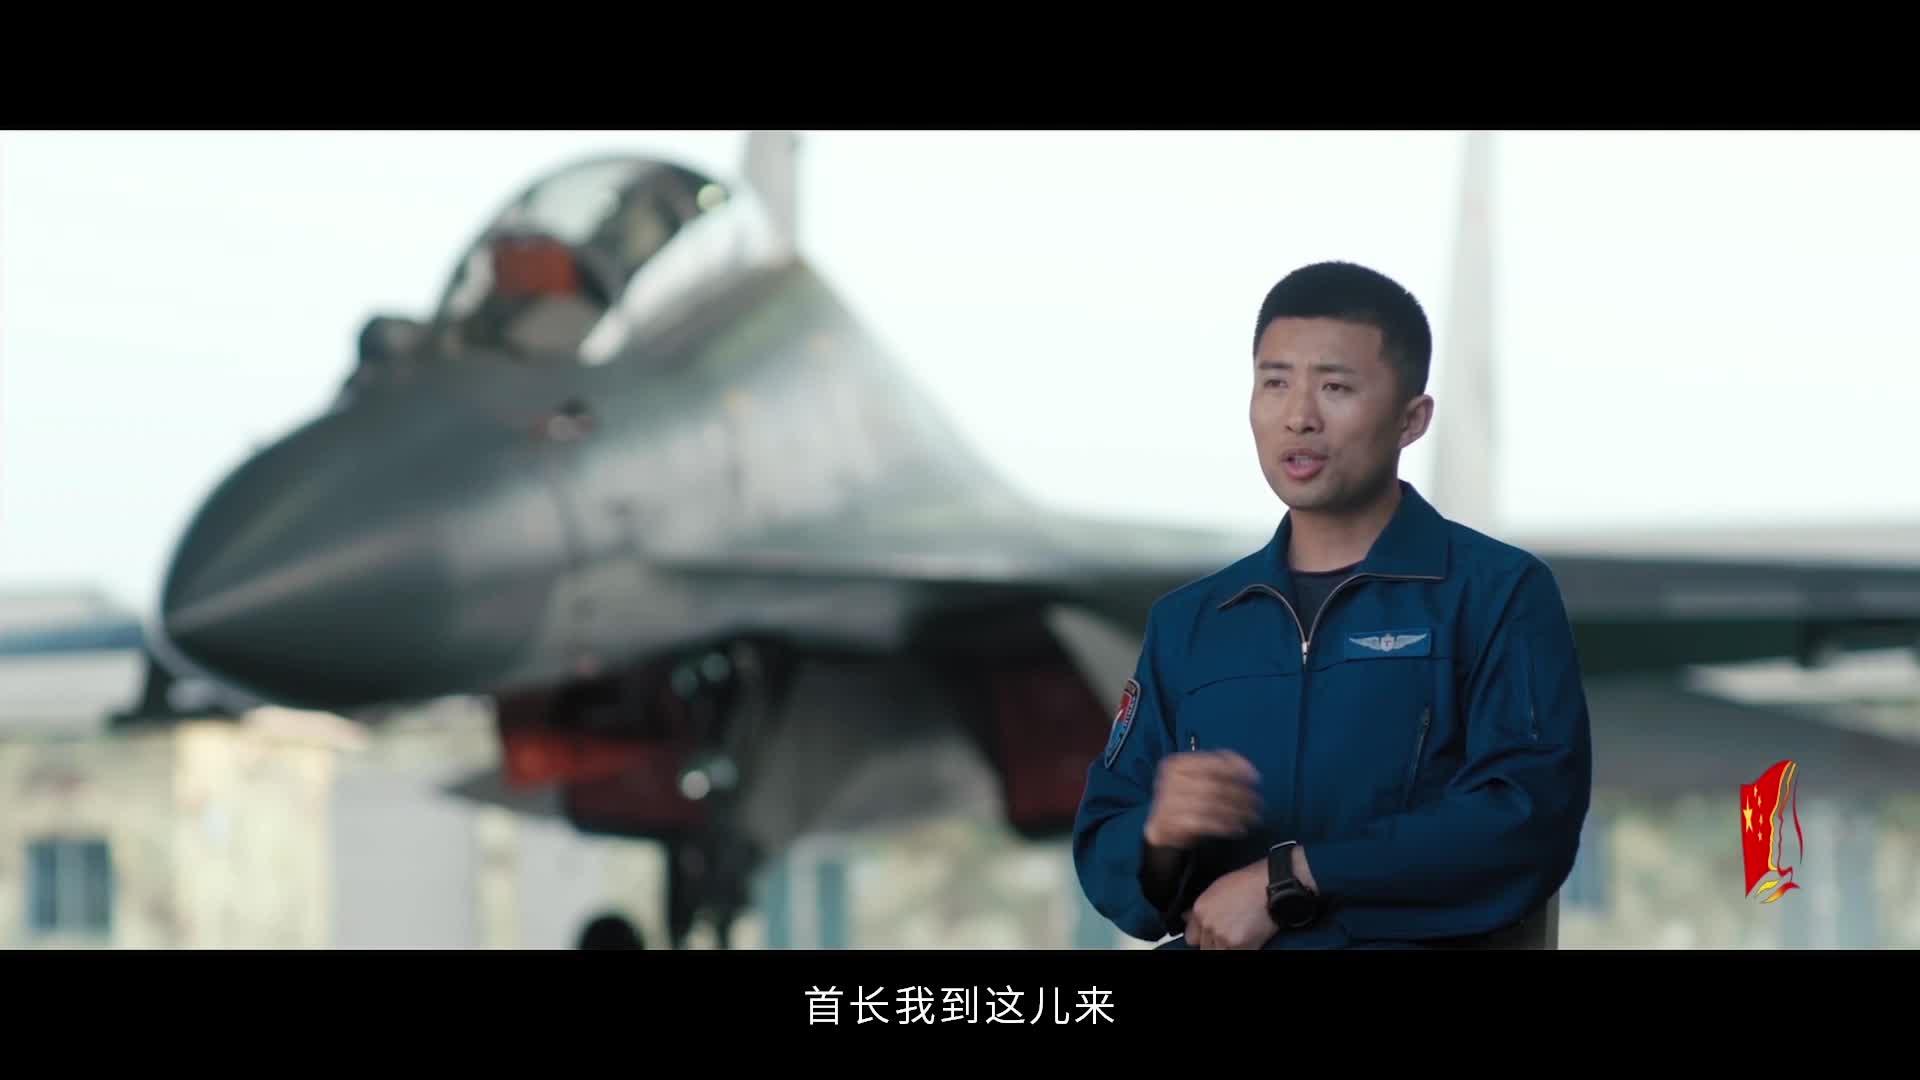 蒋佳冀——准备打,才有可能不打。